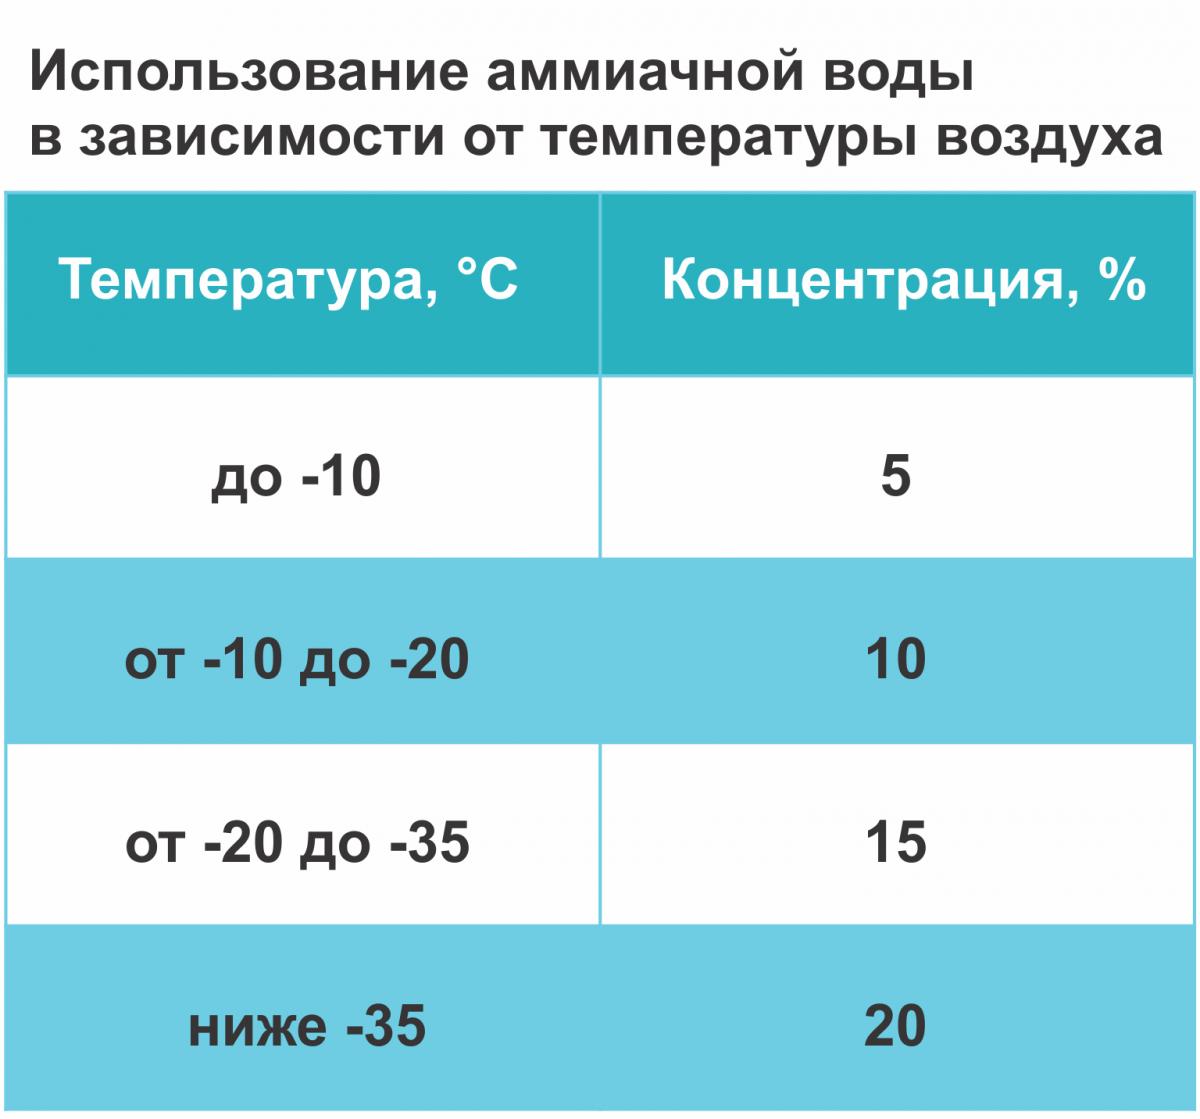 Использование аммиачной воды в зависимости от температуры воздуха